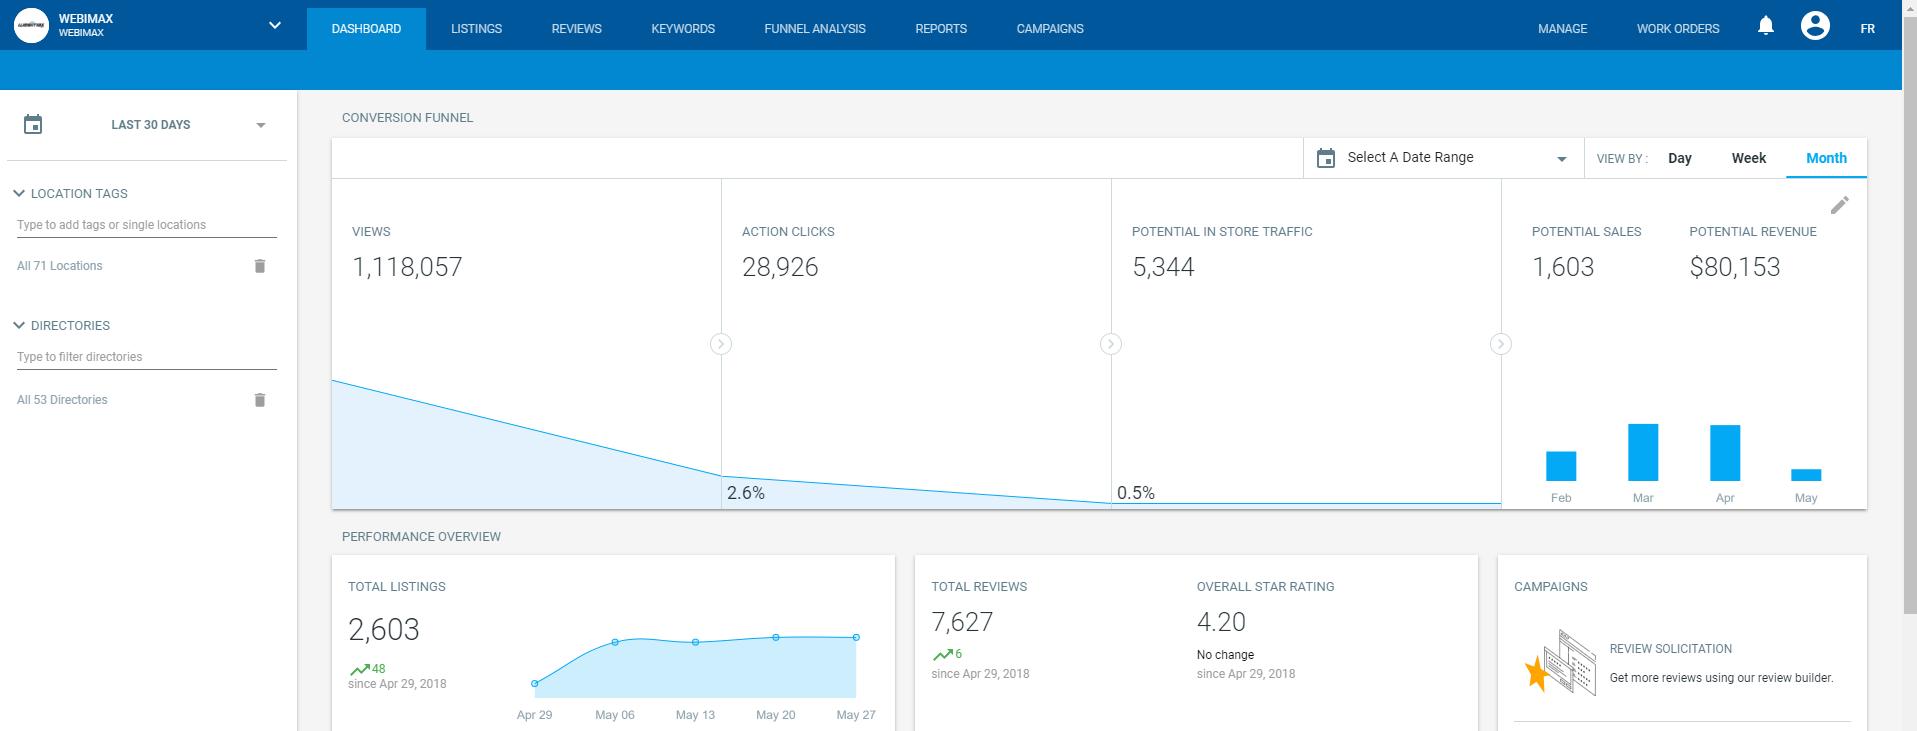 WebiMax Demo - screenshot-4.png